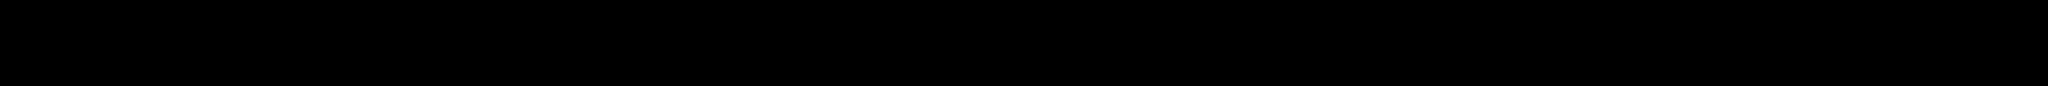 BLAUPUNKT Auto-Stereoanlage